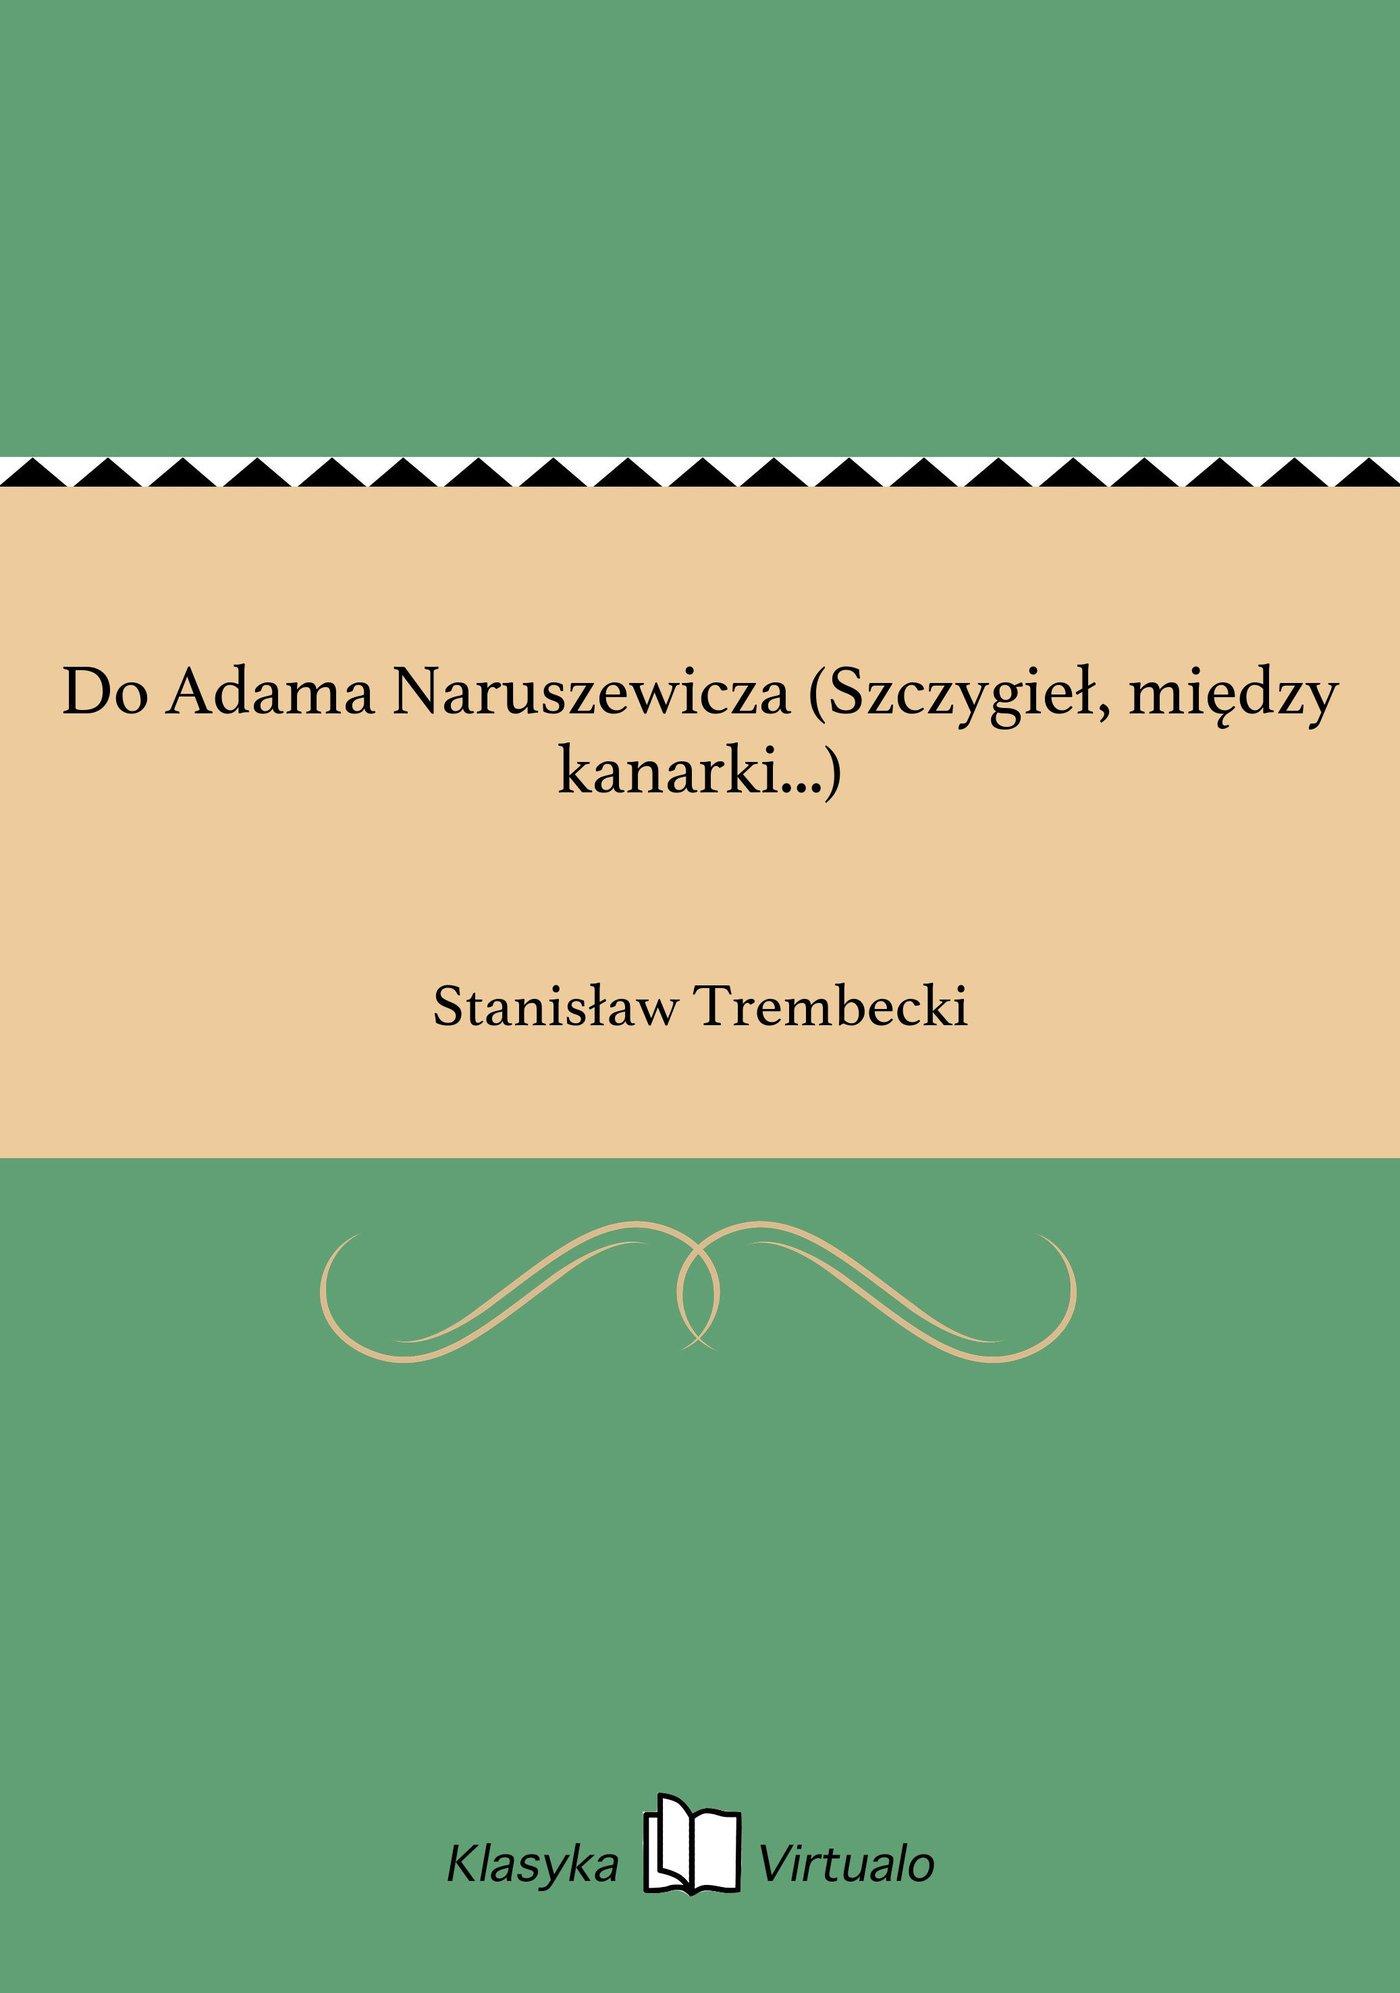 Do Adama Naruszewicza (Szczygieł, między kanarki...) - Ebook (Książka na Kindle) do pobrania w formacie MOBI